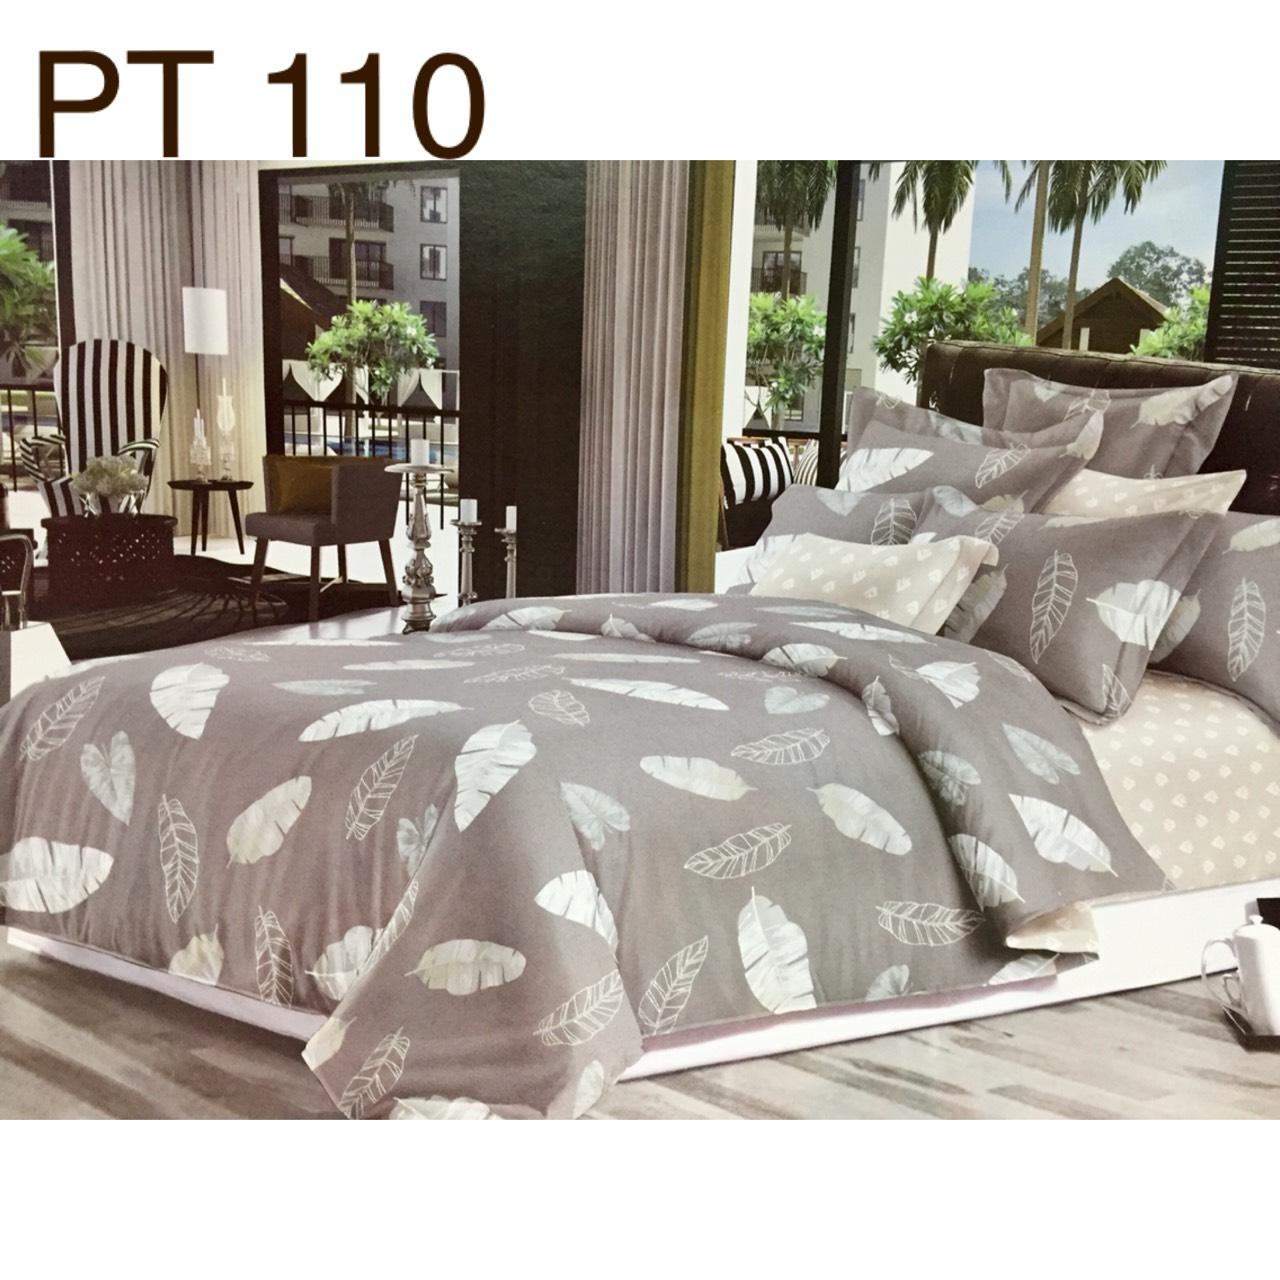 Bộ Chăn Ga Phủ Cotton Hàn Quốc - PT110